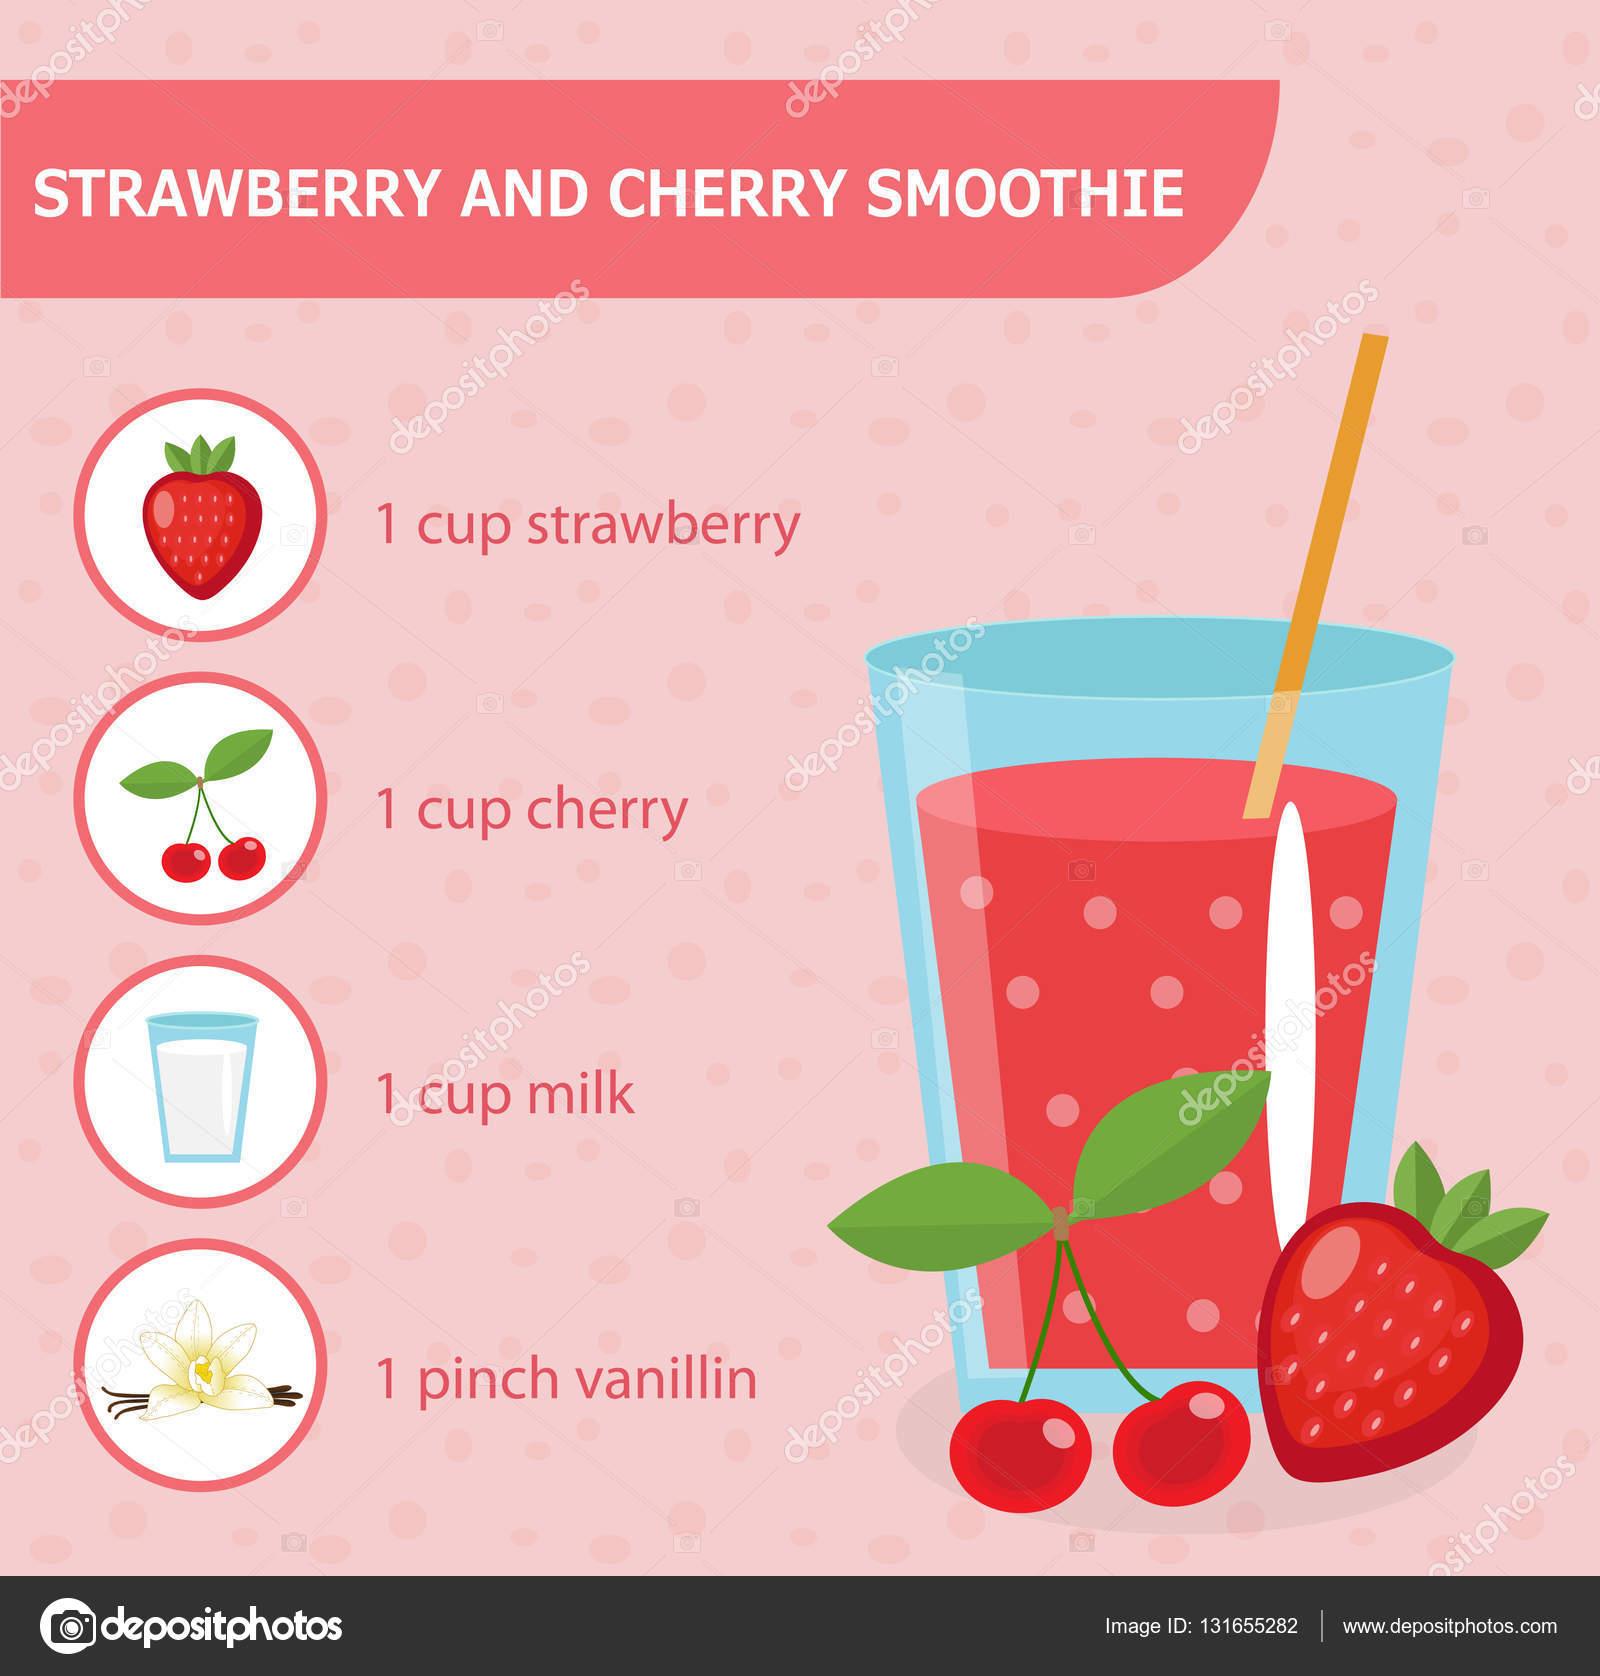 Receta de smoothie de fresa y cereza con ingredientes Batidos